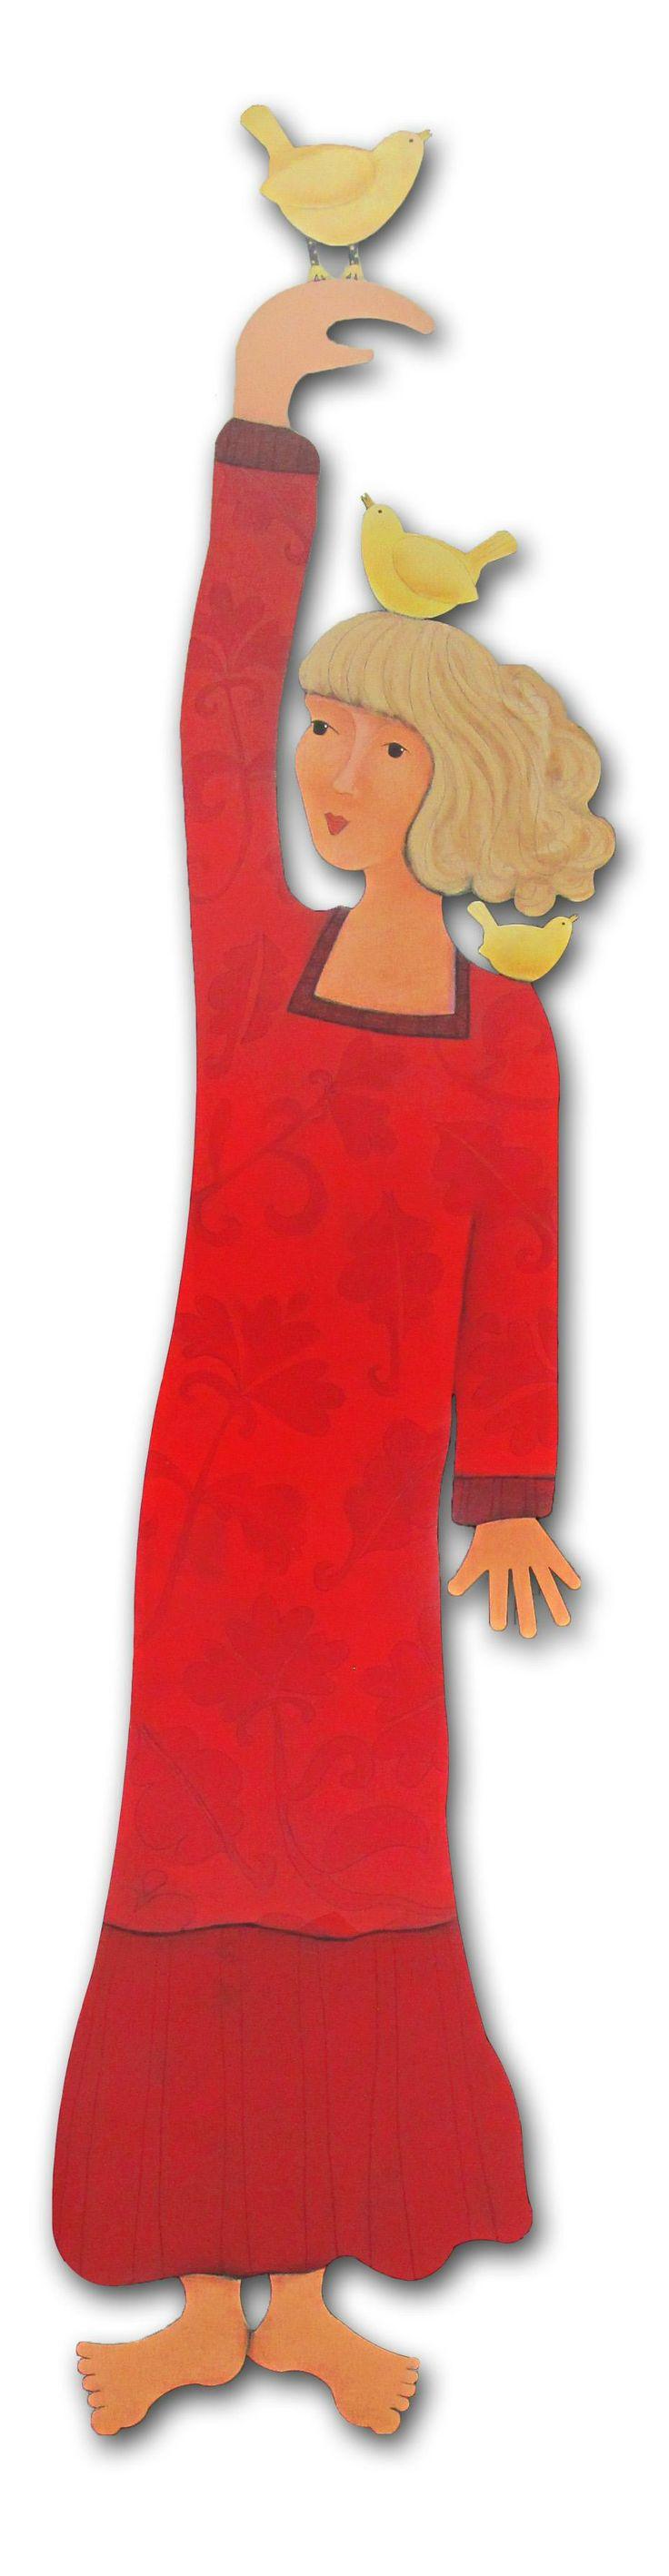 An original work by Carol Roeda - Lady Francis